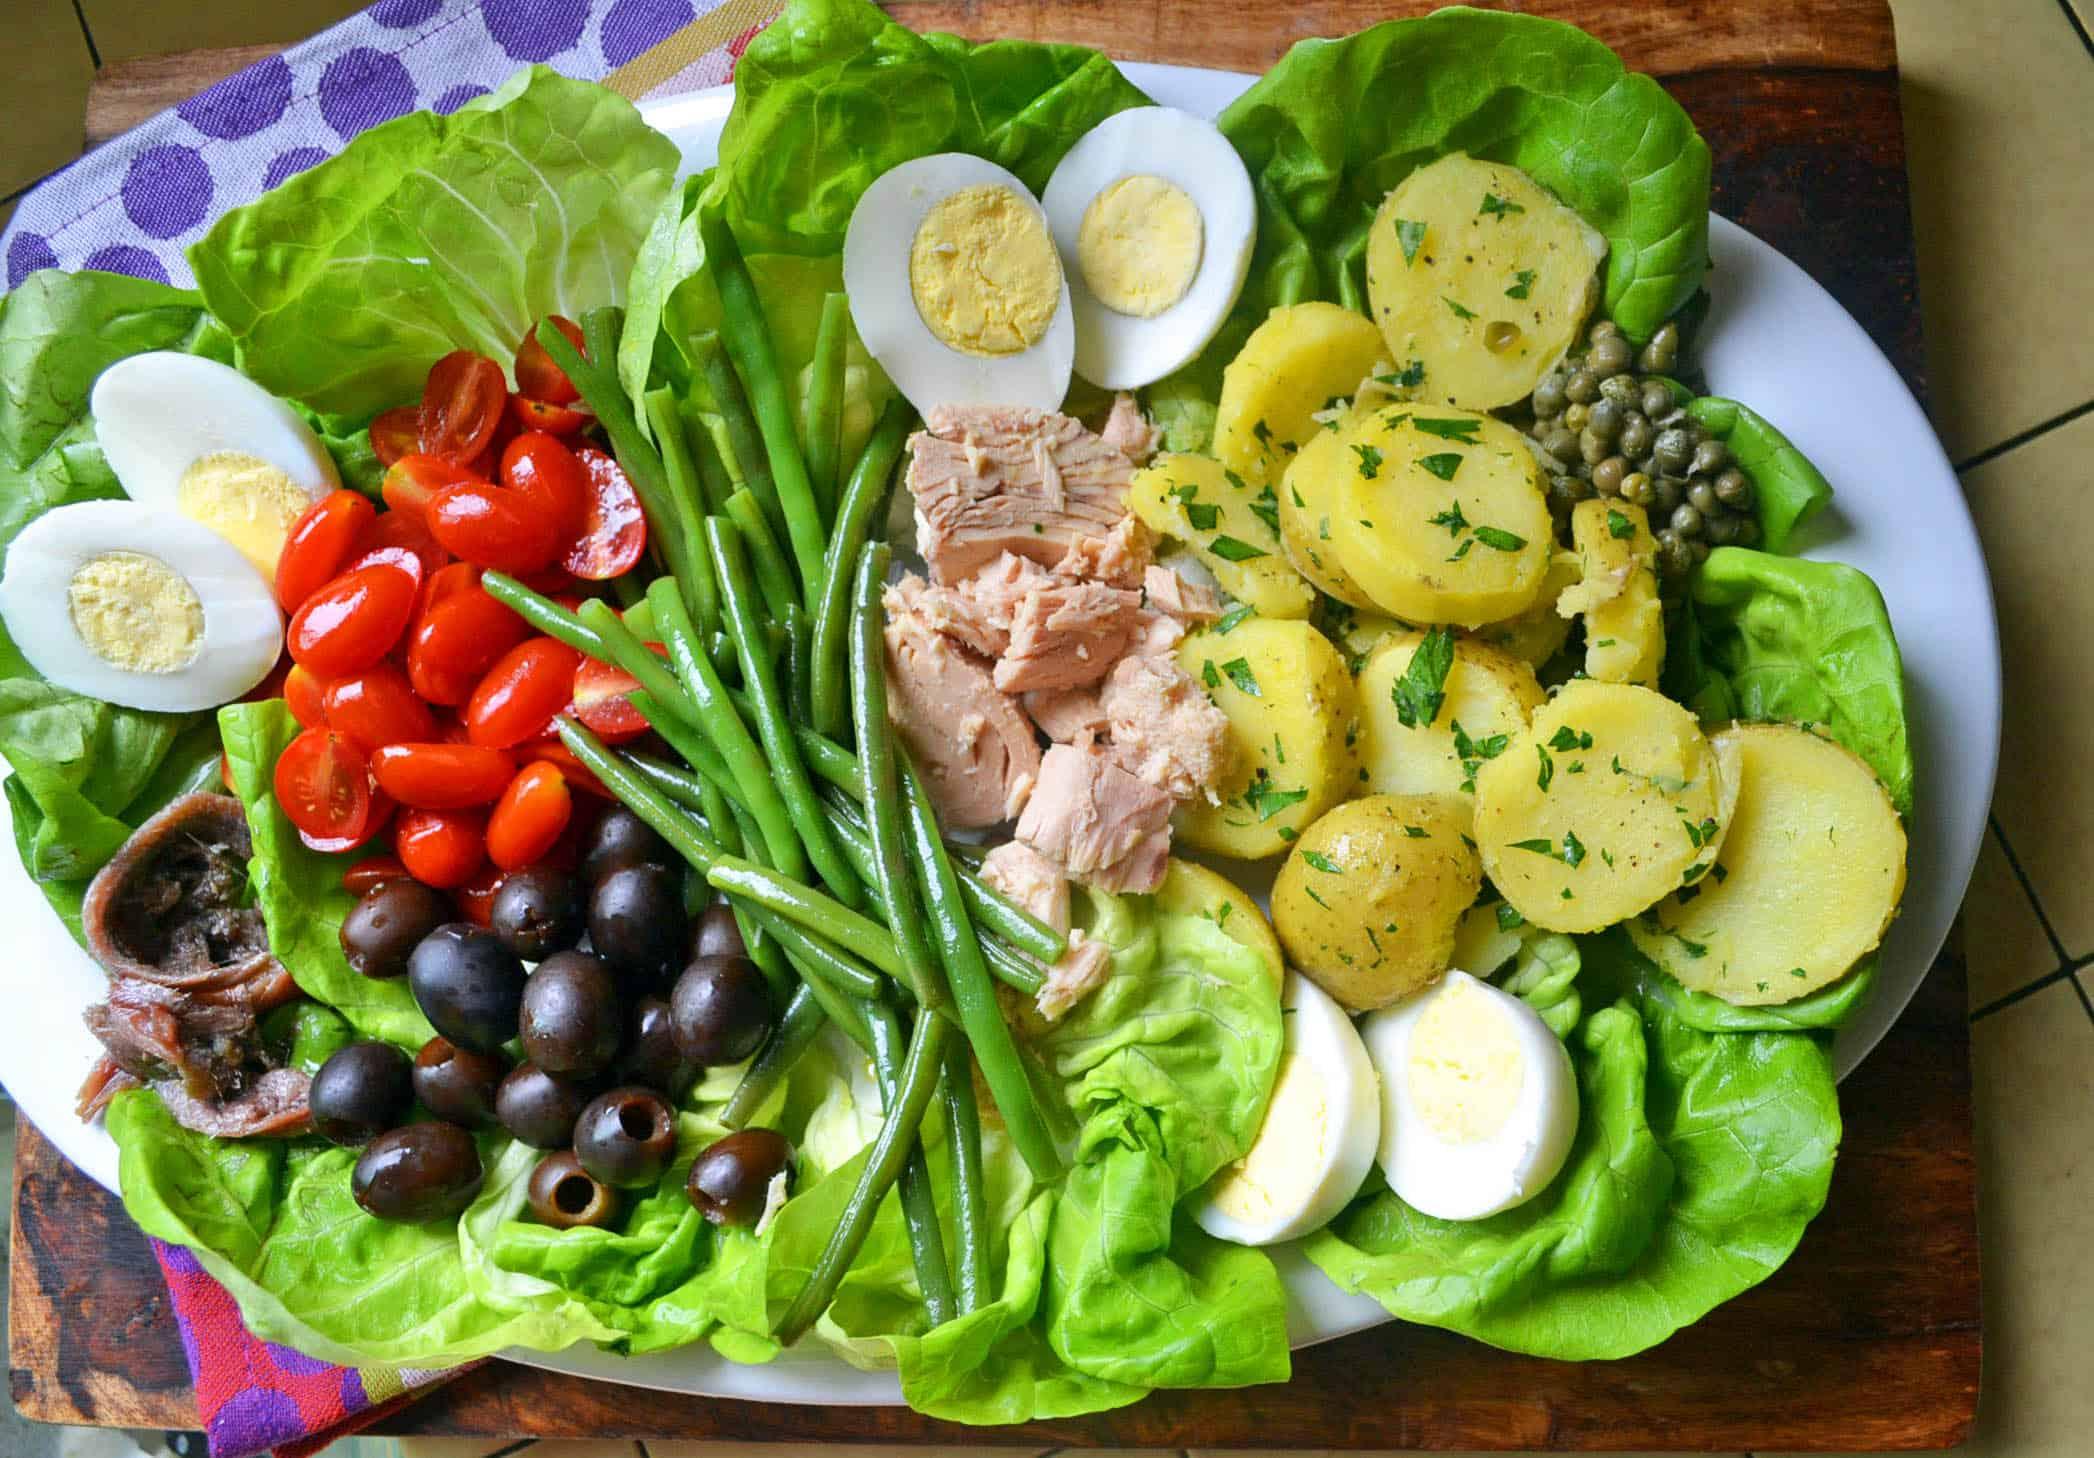 julia child's salad nicoise | the little ferraro kitchen